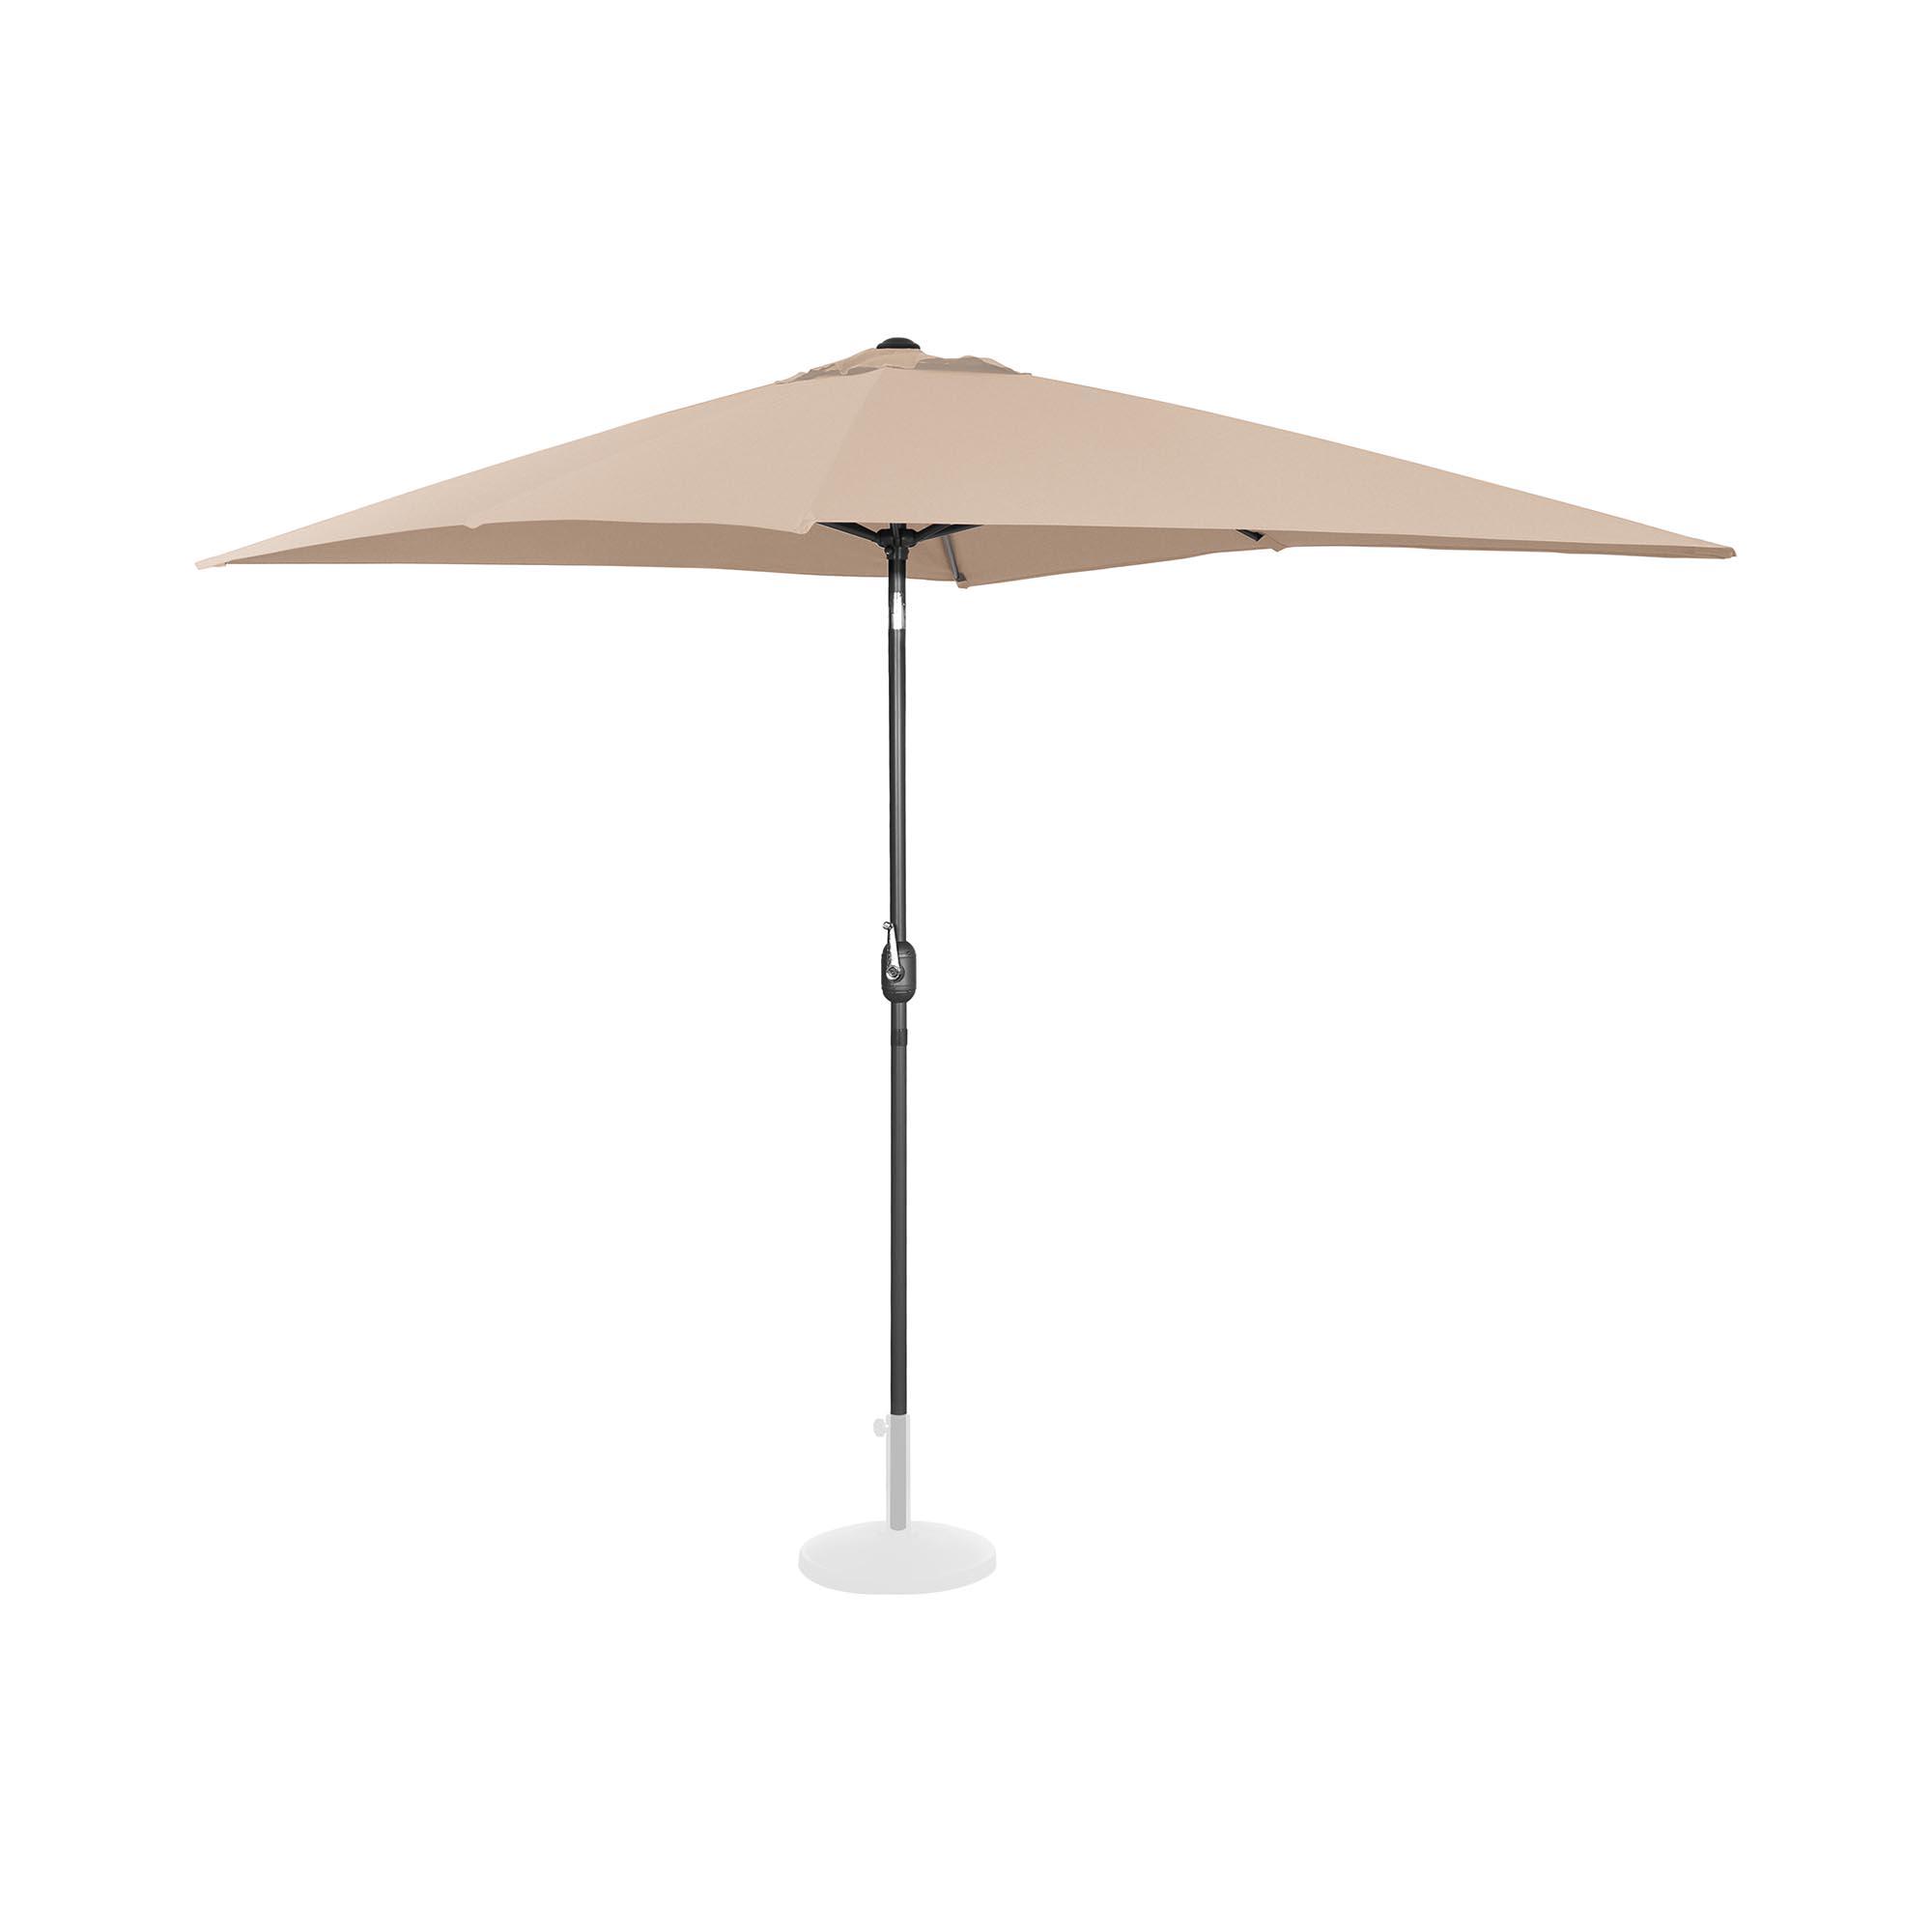 Uniprodo Sonnenschirm groß - creme - rechteckig - 200 x 300 cm - neigbar 10250131